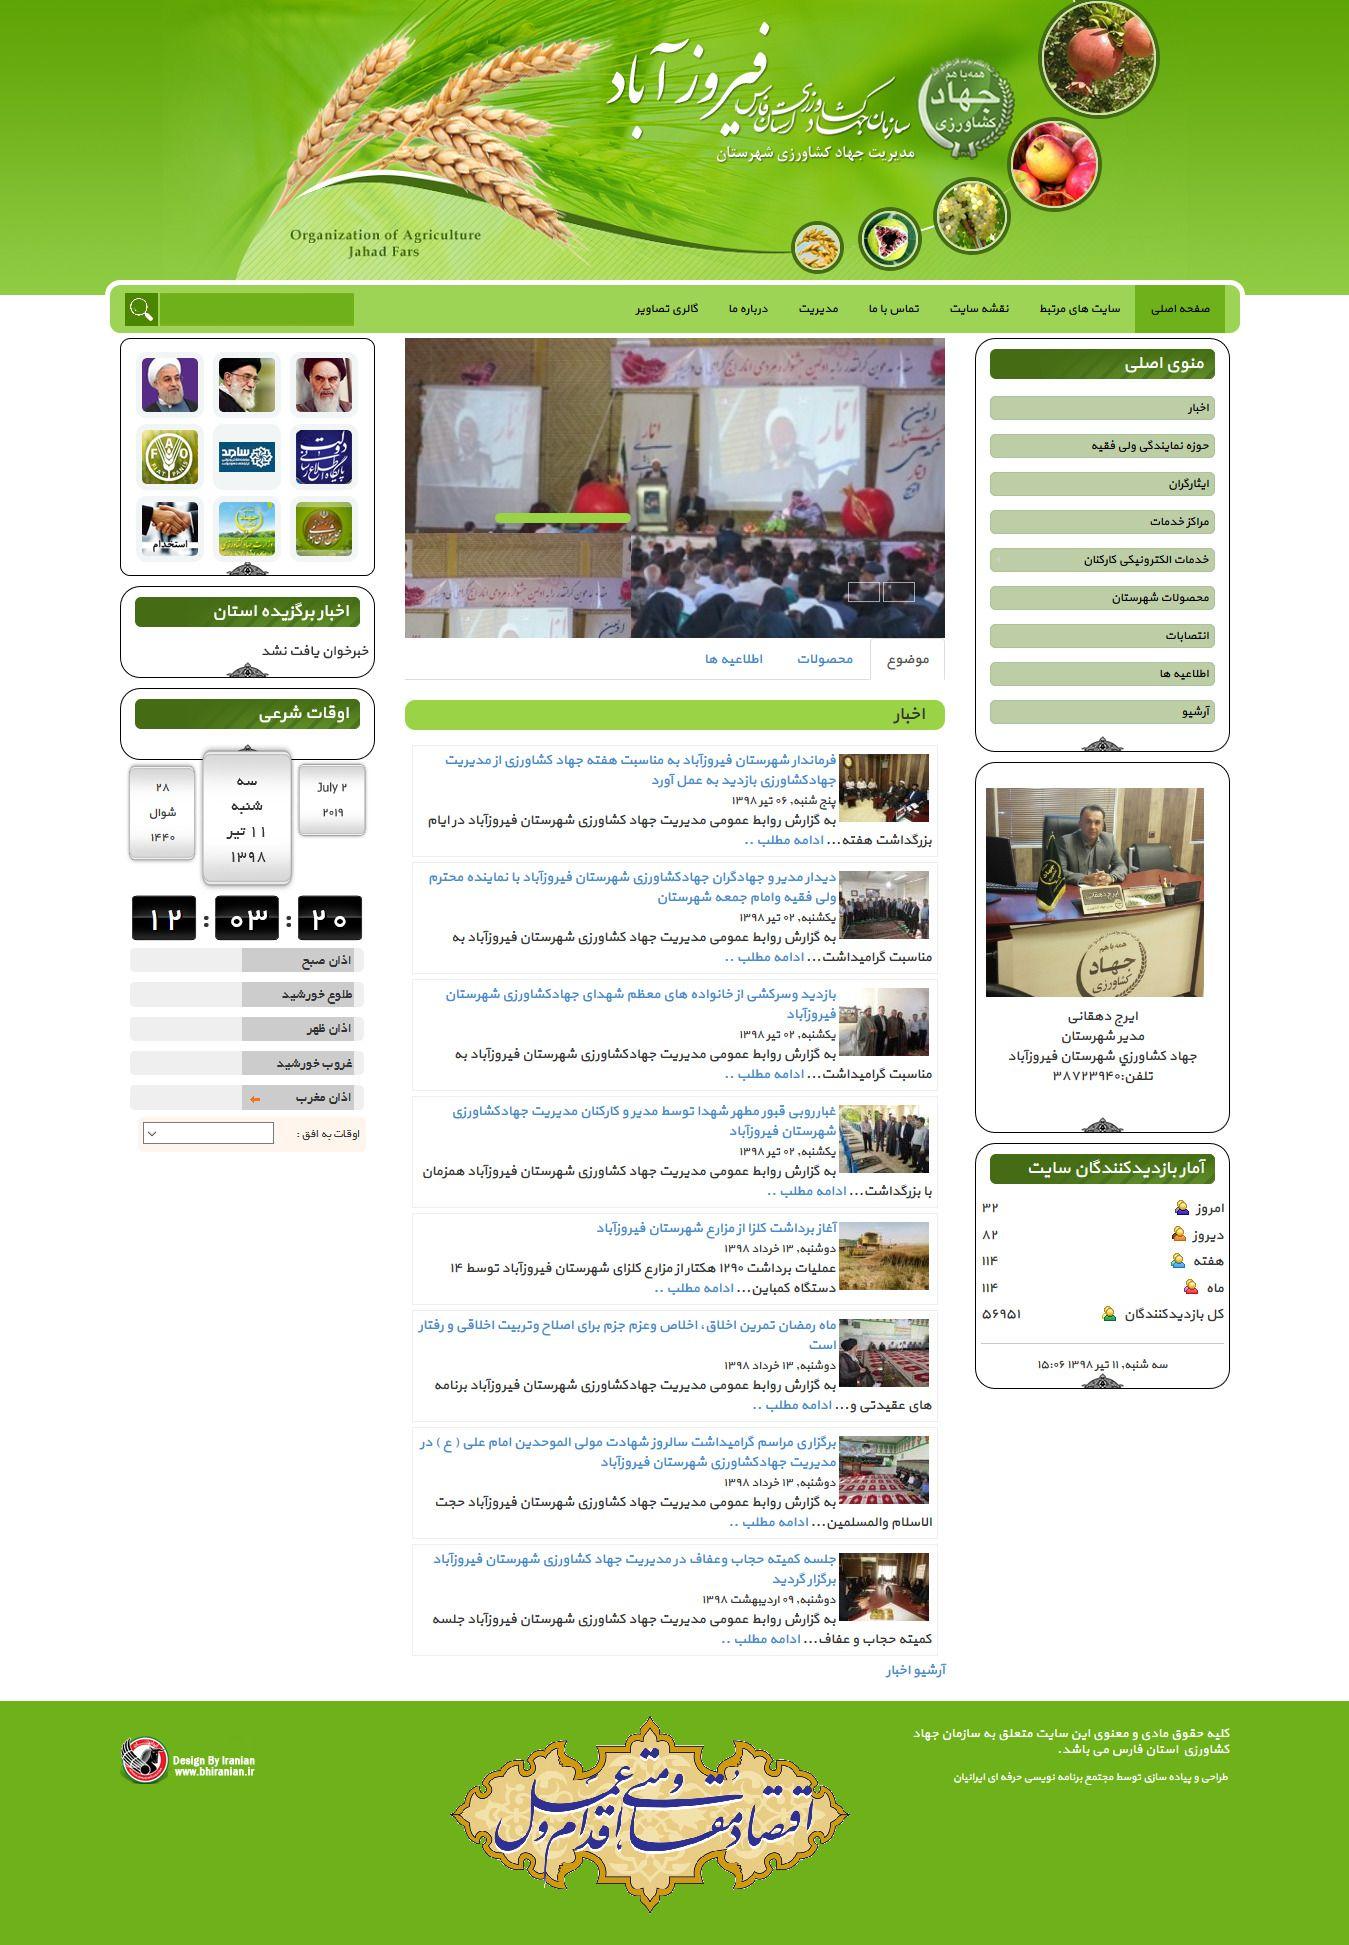 صفحه اصلی سایت مدیریت جهاد کشاورزی شهرستان فیروزآباد